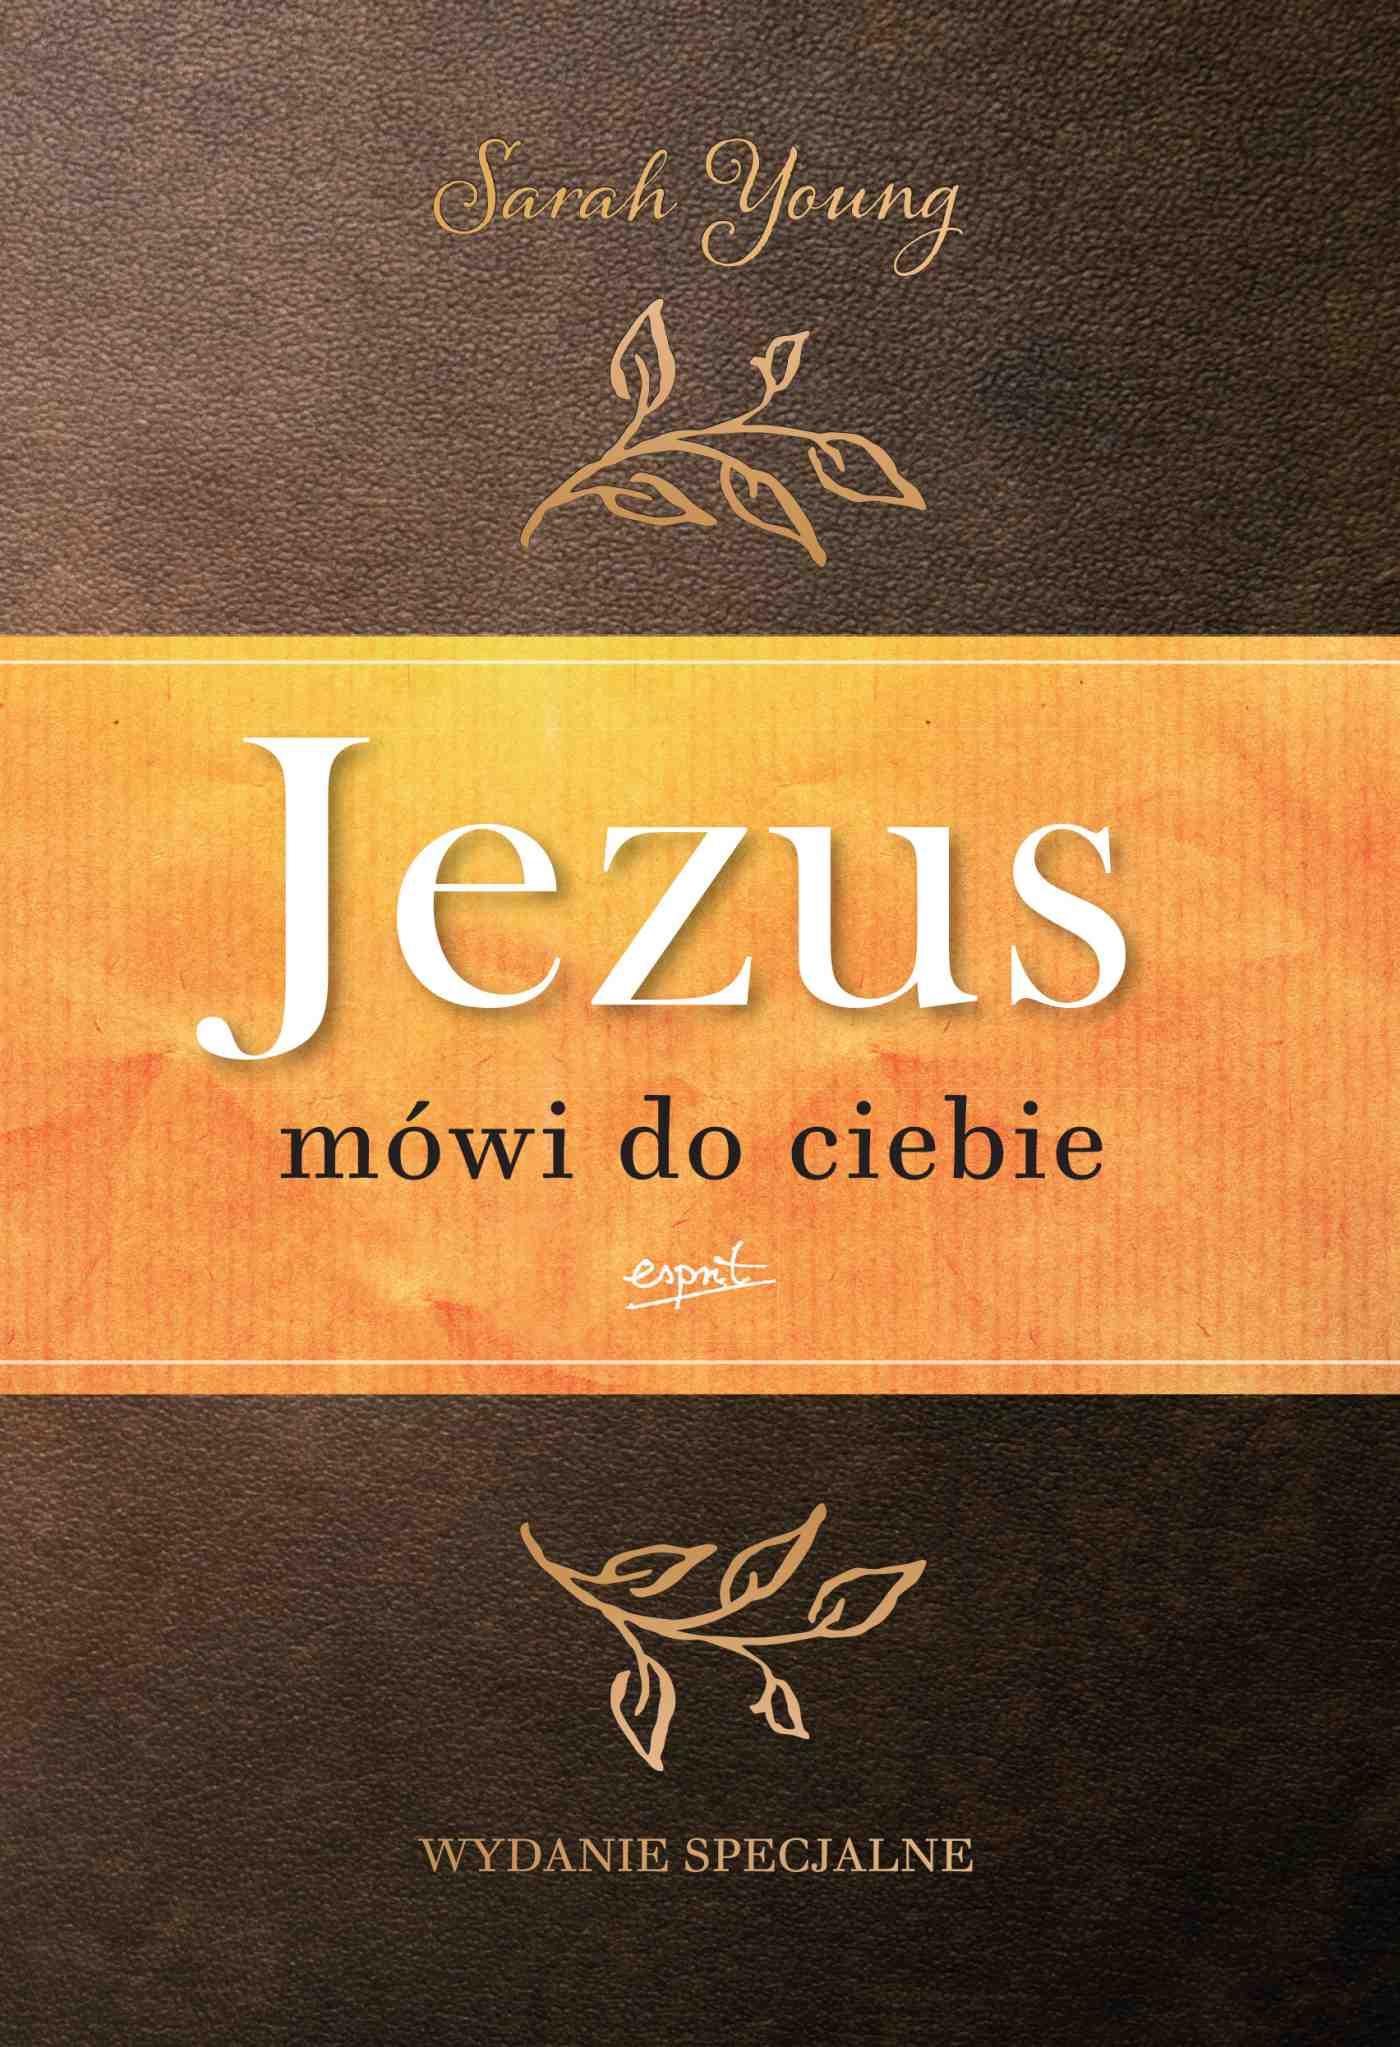 Jezus mówi do ciebie. Wydanie specjalne - Ebook (Książka na Kindle) do pobrania w formacie MOBI